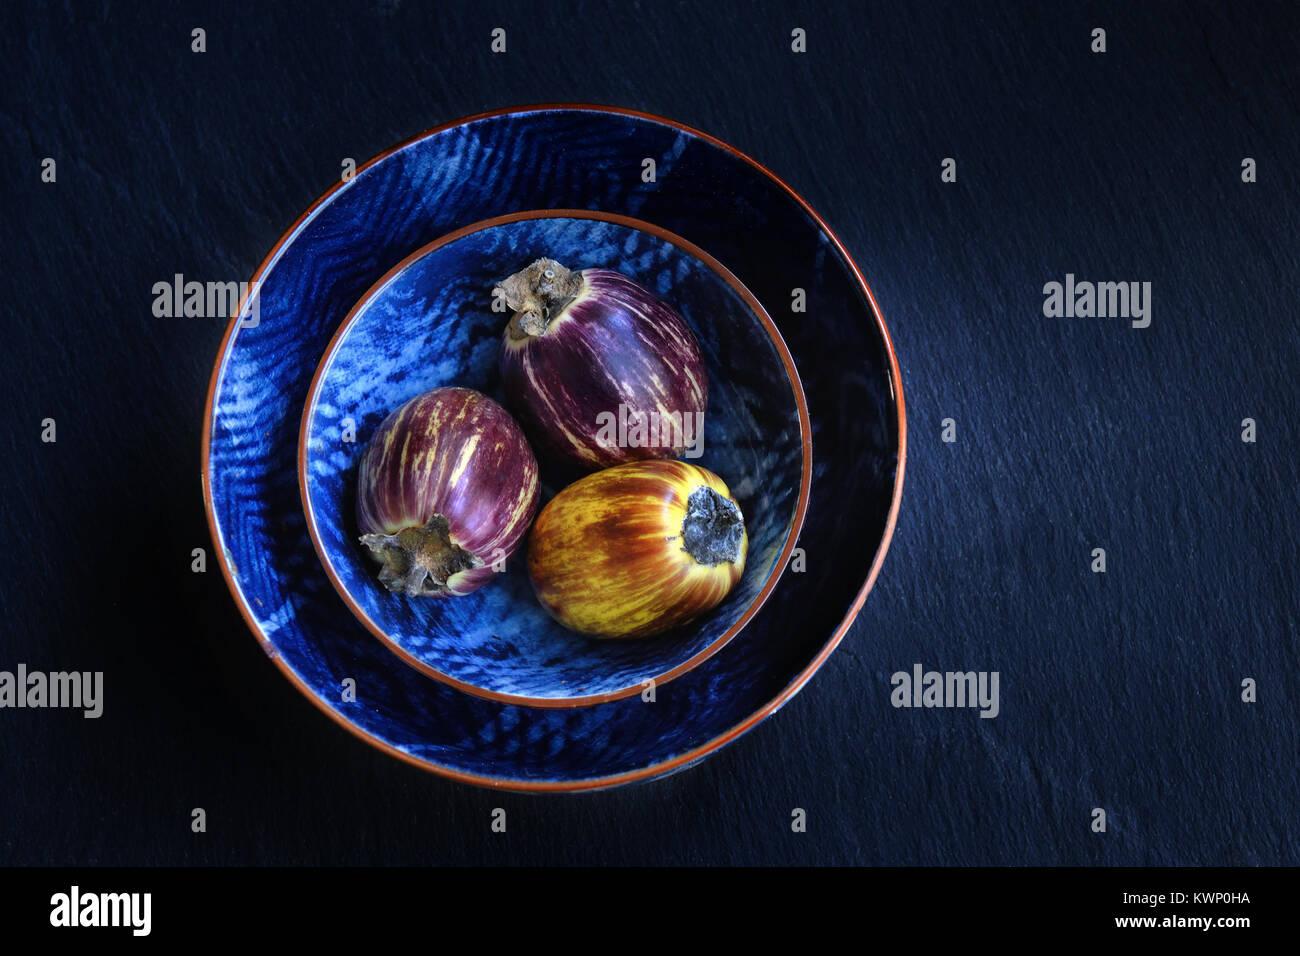 Sana e fresca melanzane viola in un bwols su pietra scura sullo sfondo. Cibo vegetariano, la salute o il concetto Immagini Stock